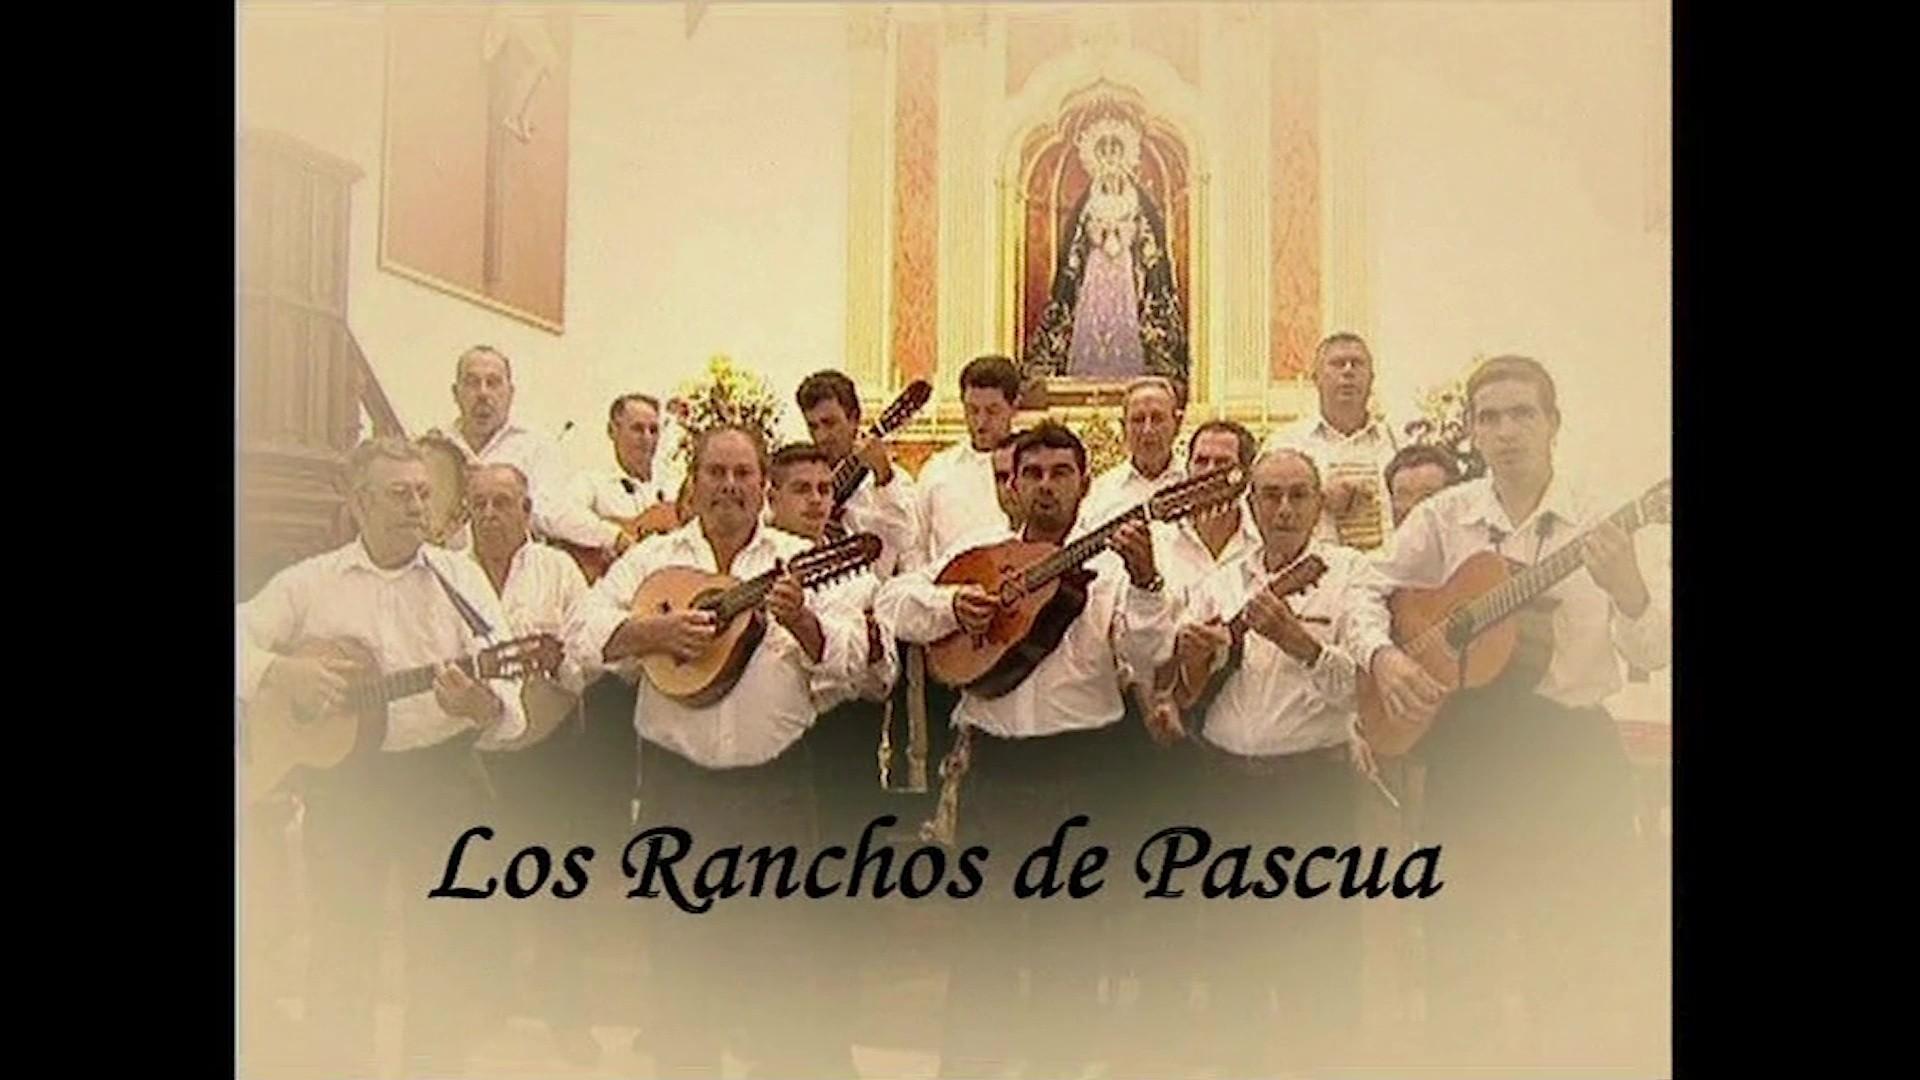 Los Ranchos de Pascua (2006)